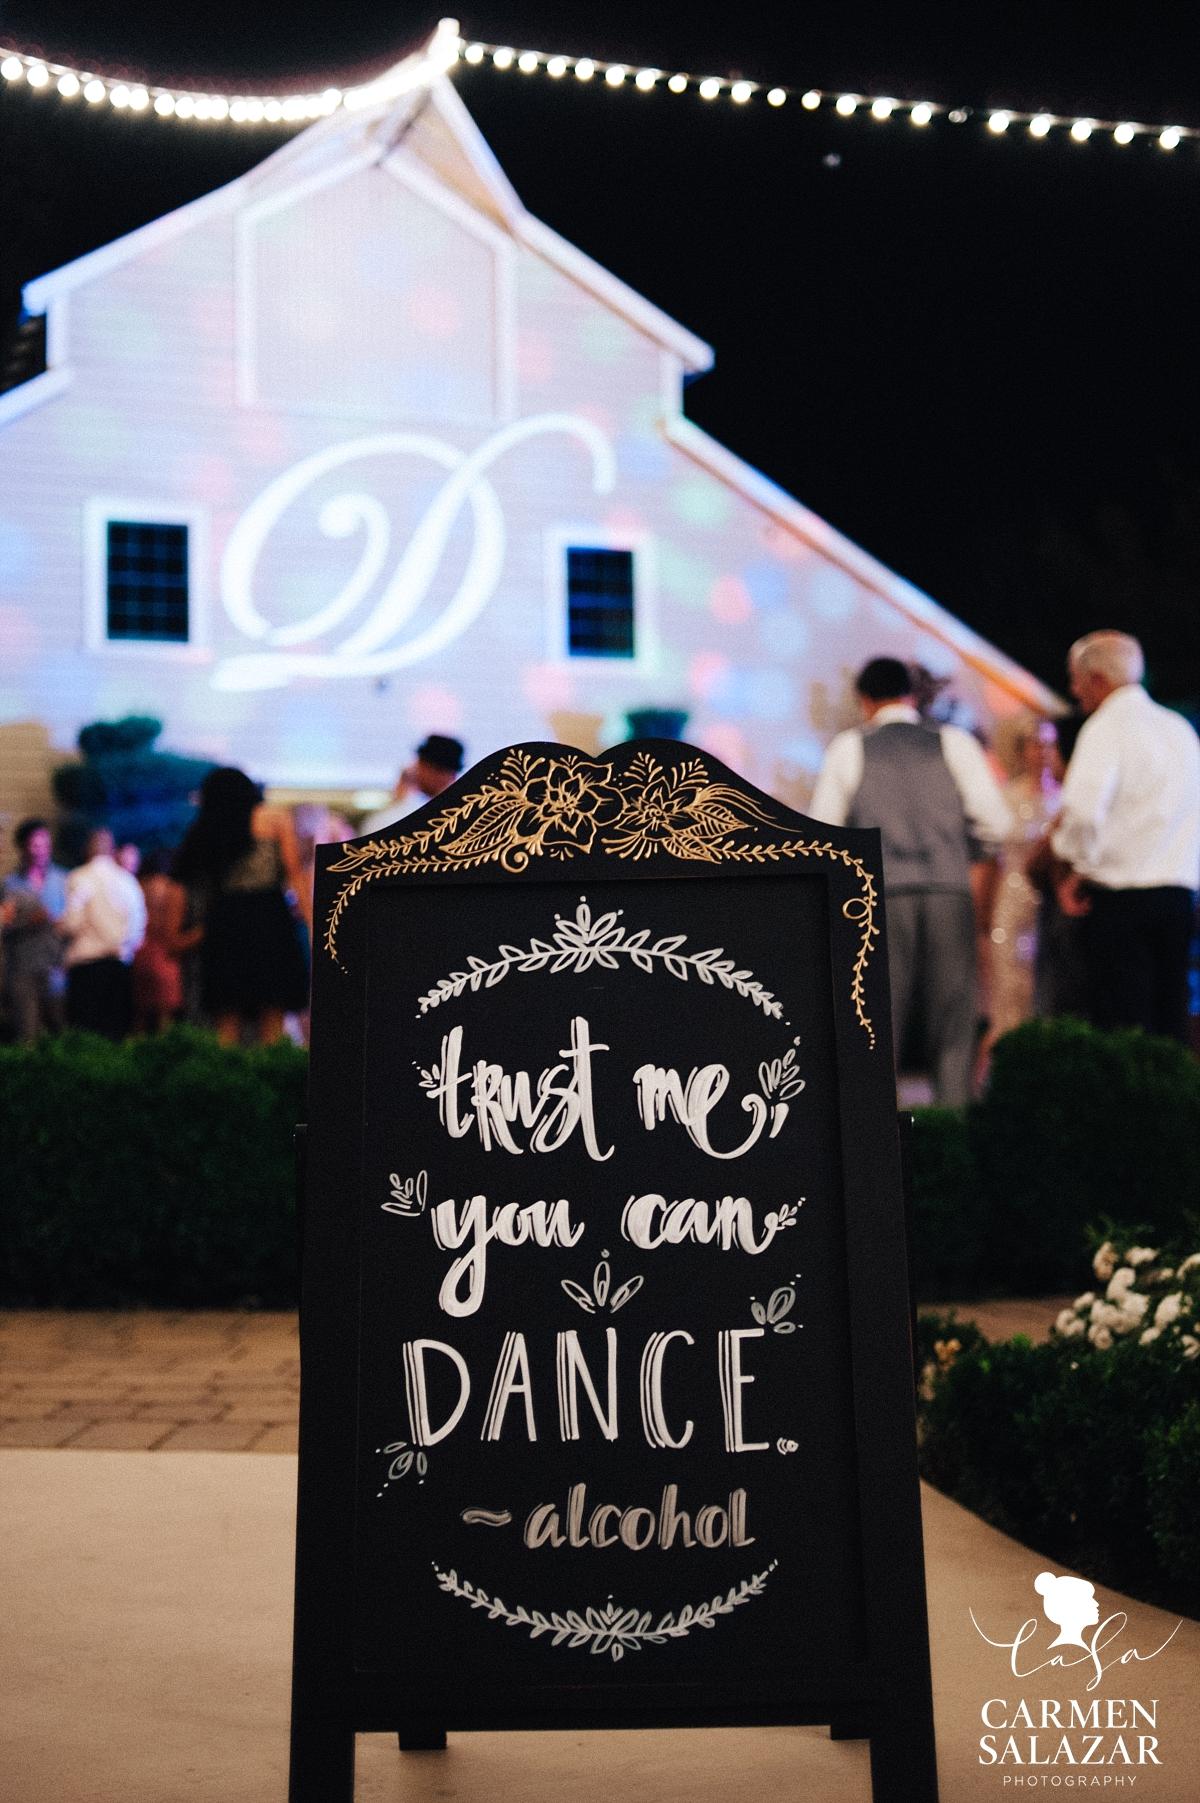 Cute and funny DIY dance floor sign - Carmen Salazar